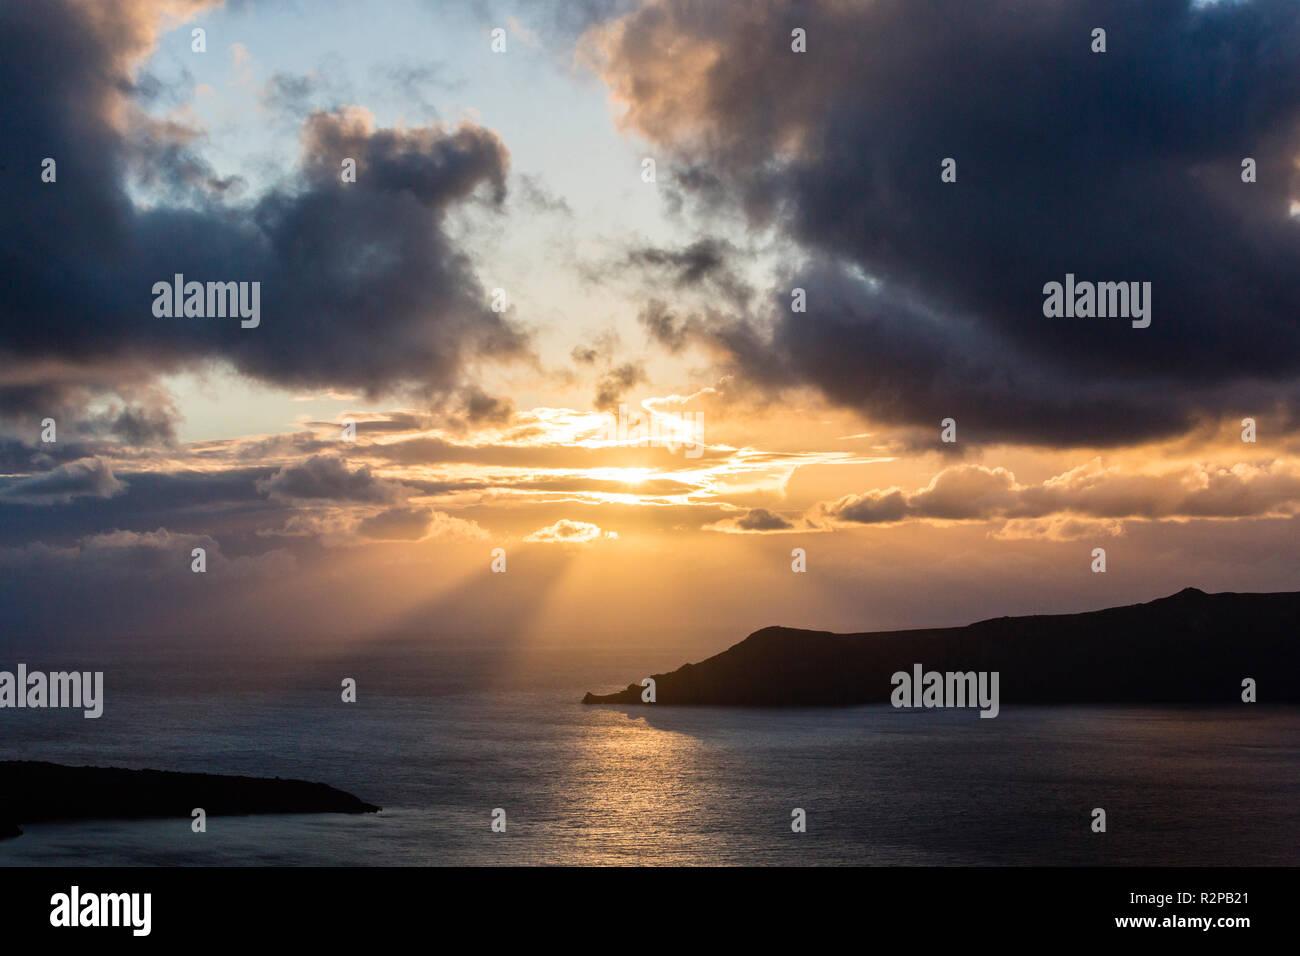 Dramatic sunset between dark storm clouds above Caldera of Santorini - Stock Image